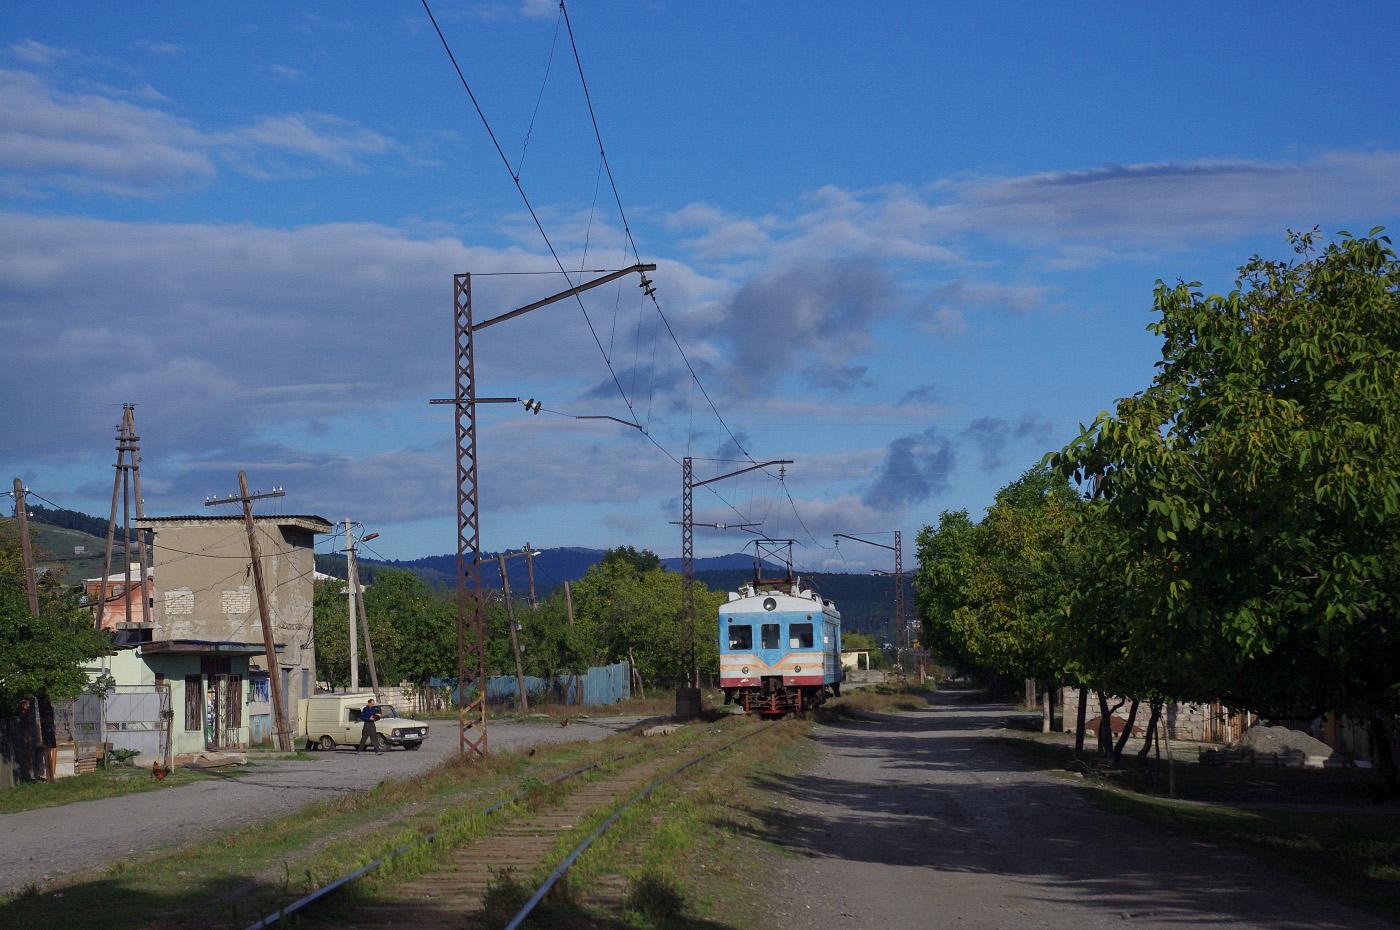 Електросекція Ср3-1510 на вулицях Хашурі. Грузія, Шида-Картлі, Хашурі-Сурамі